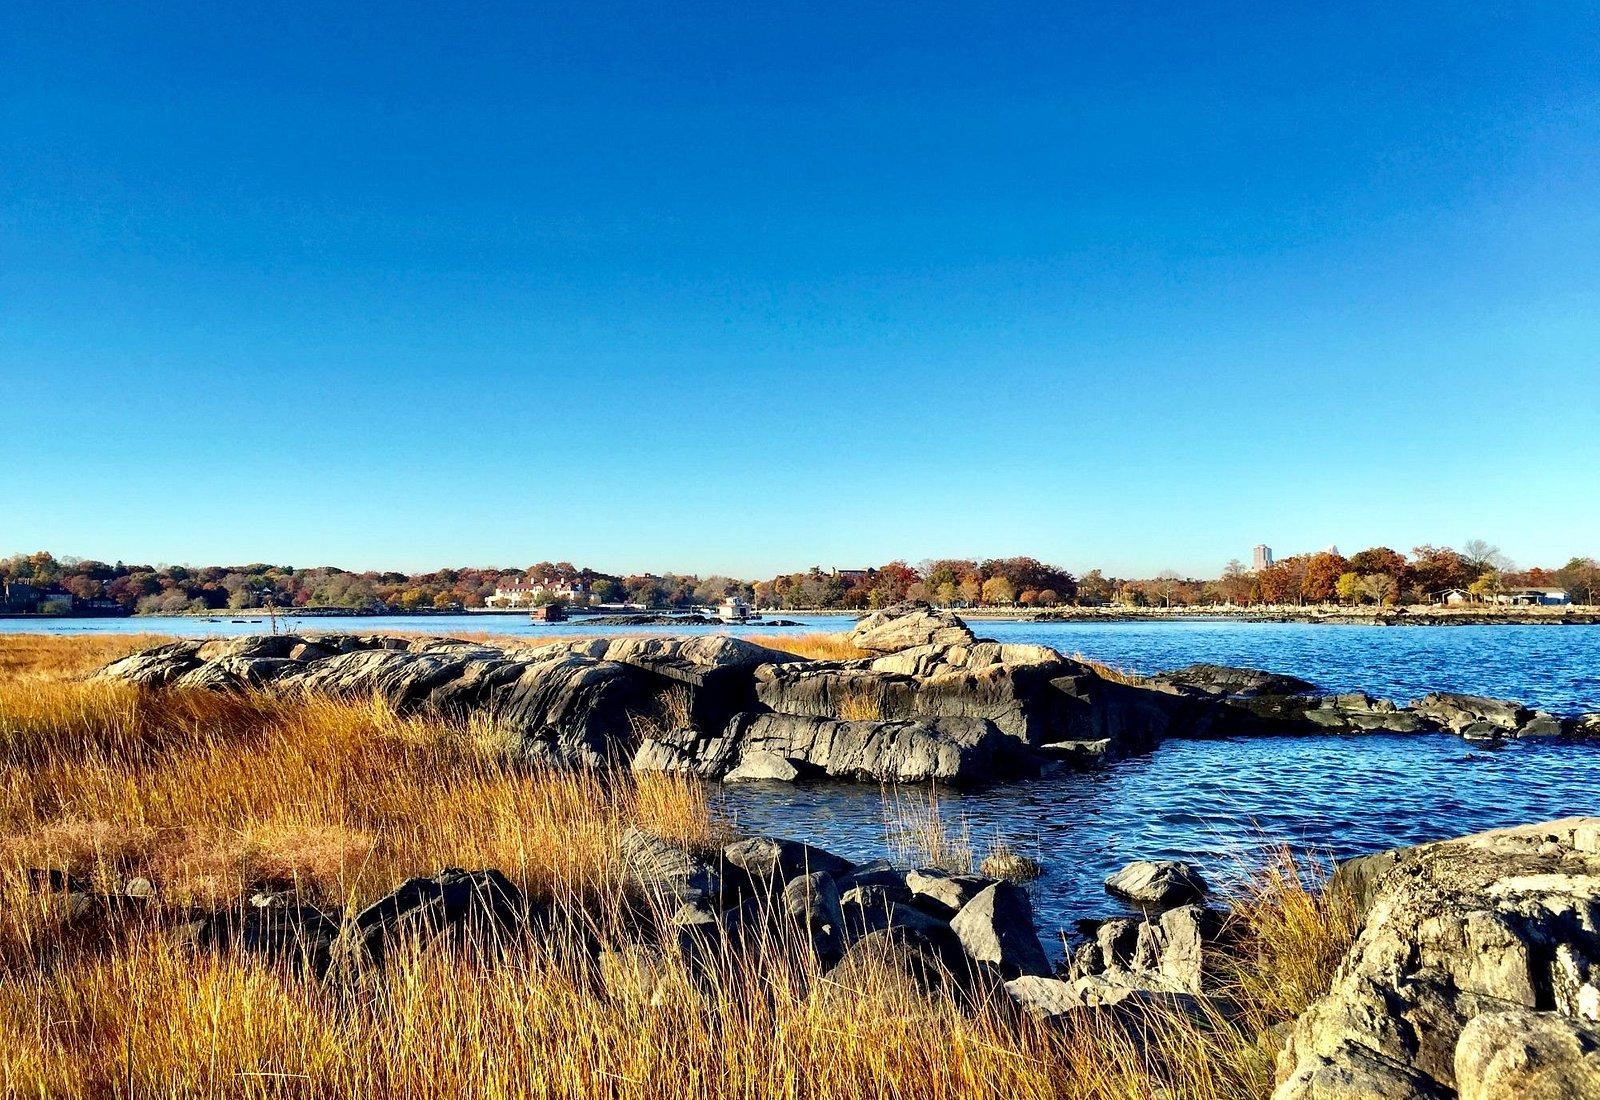 Hunter Island, Kazimiroff Nature Trail Bronx